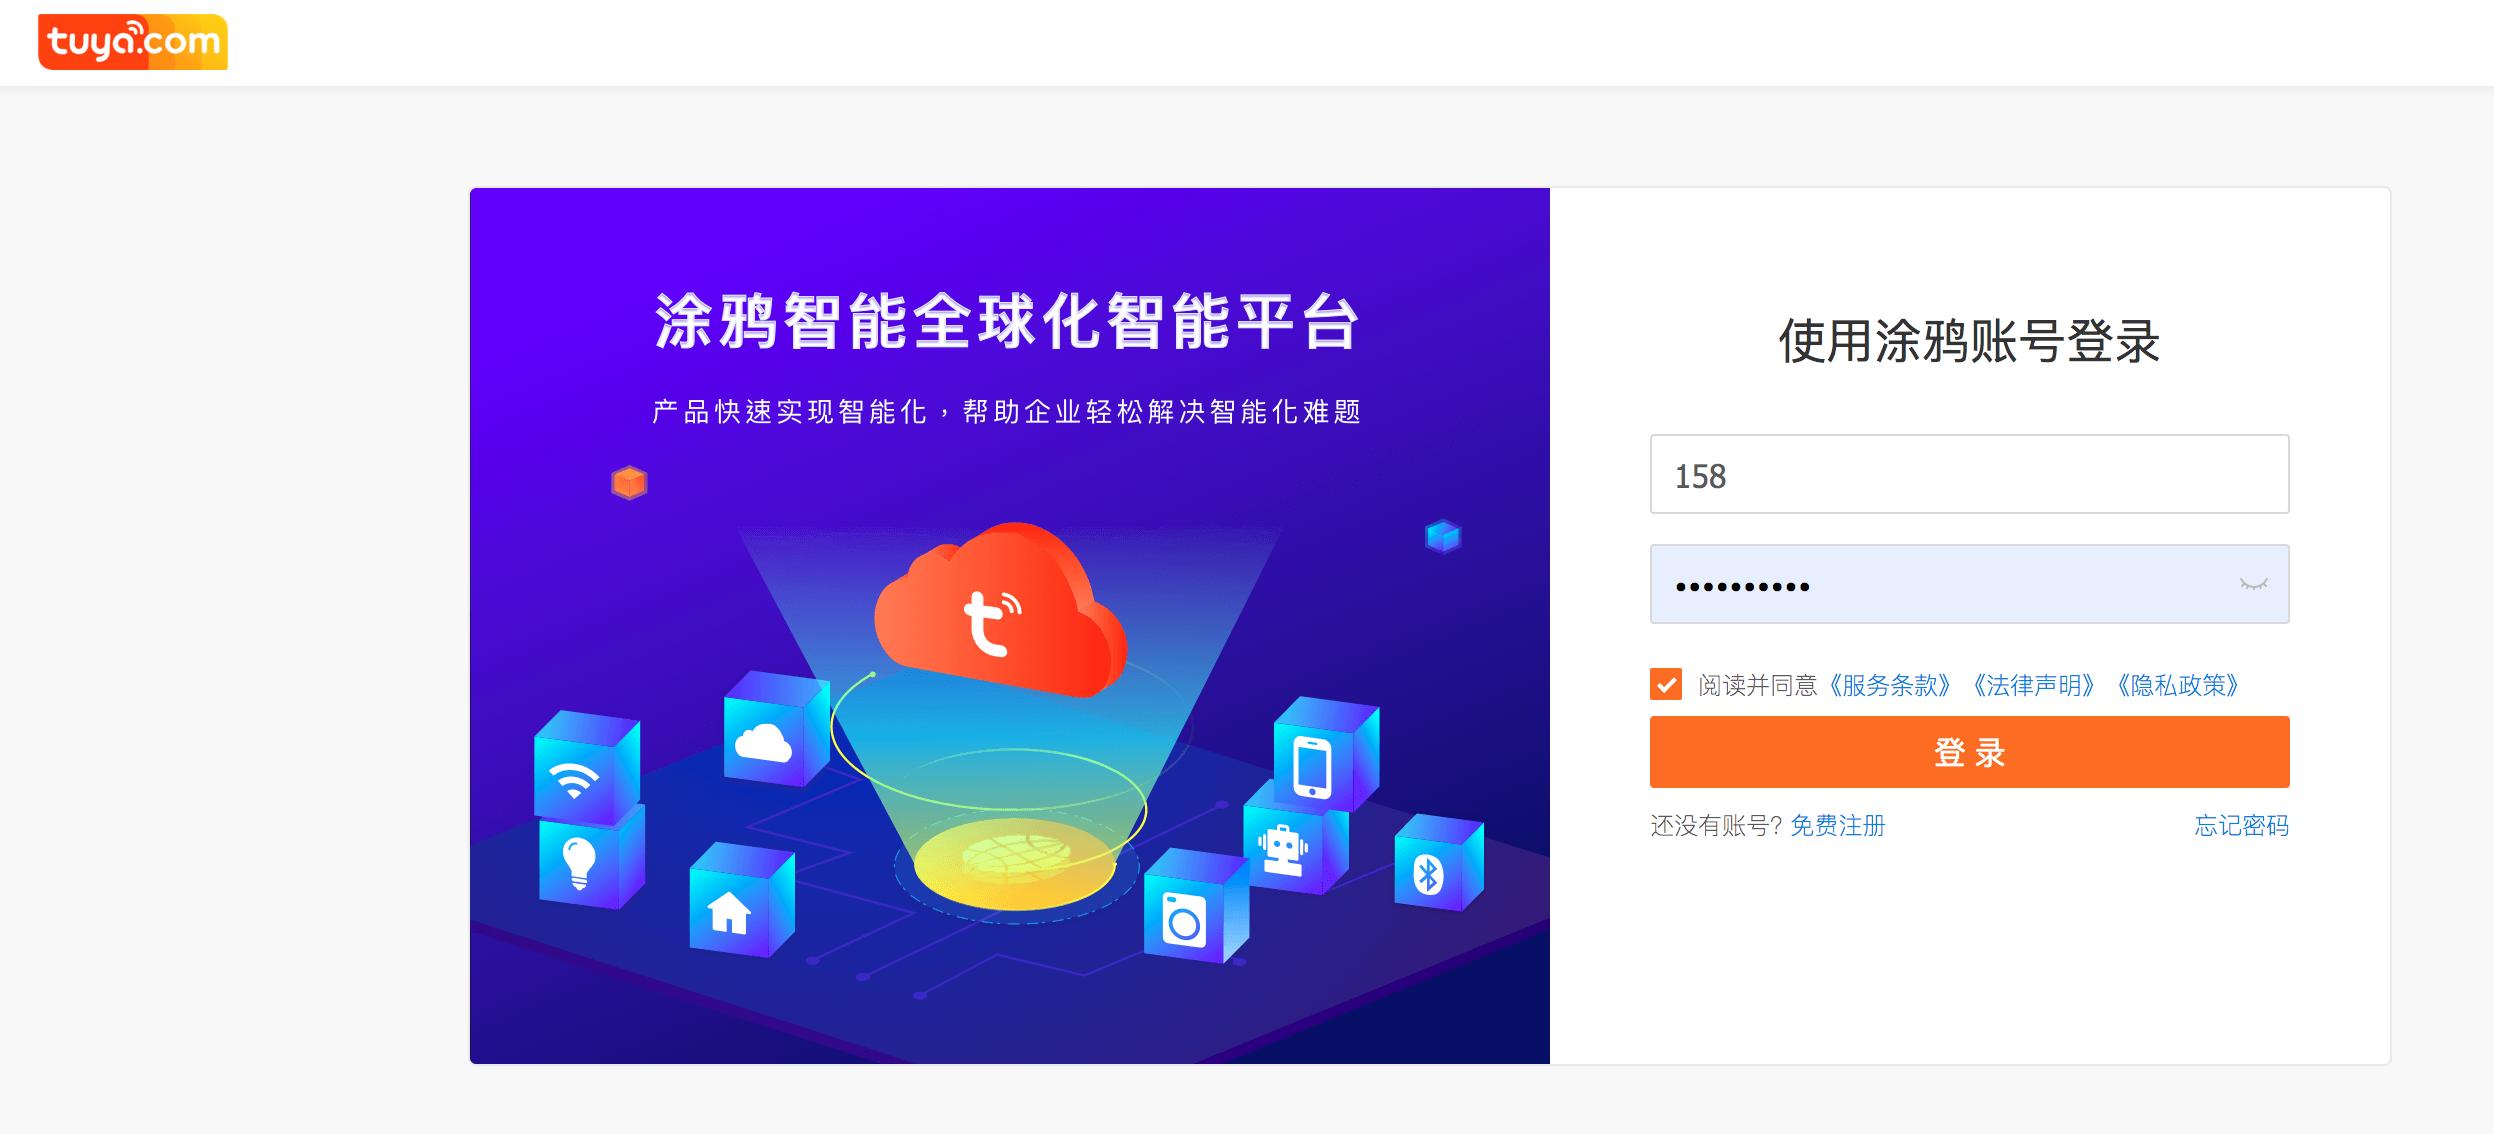 App 商城(中国版)